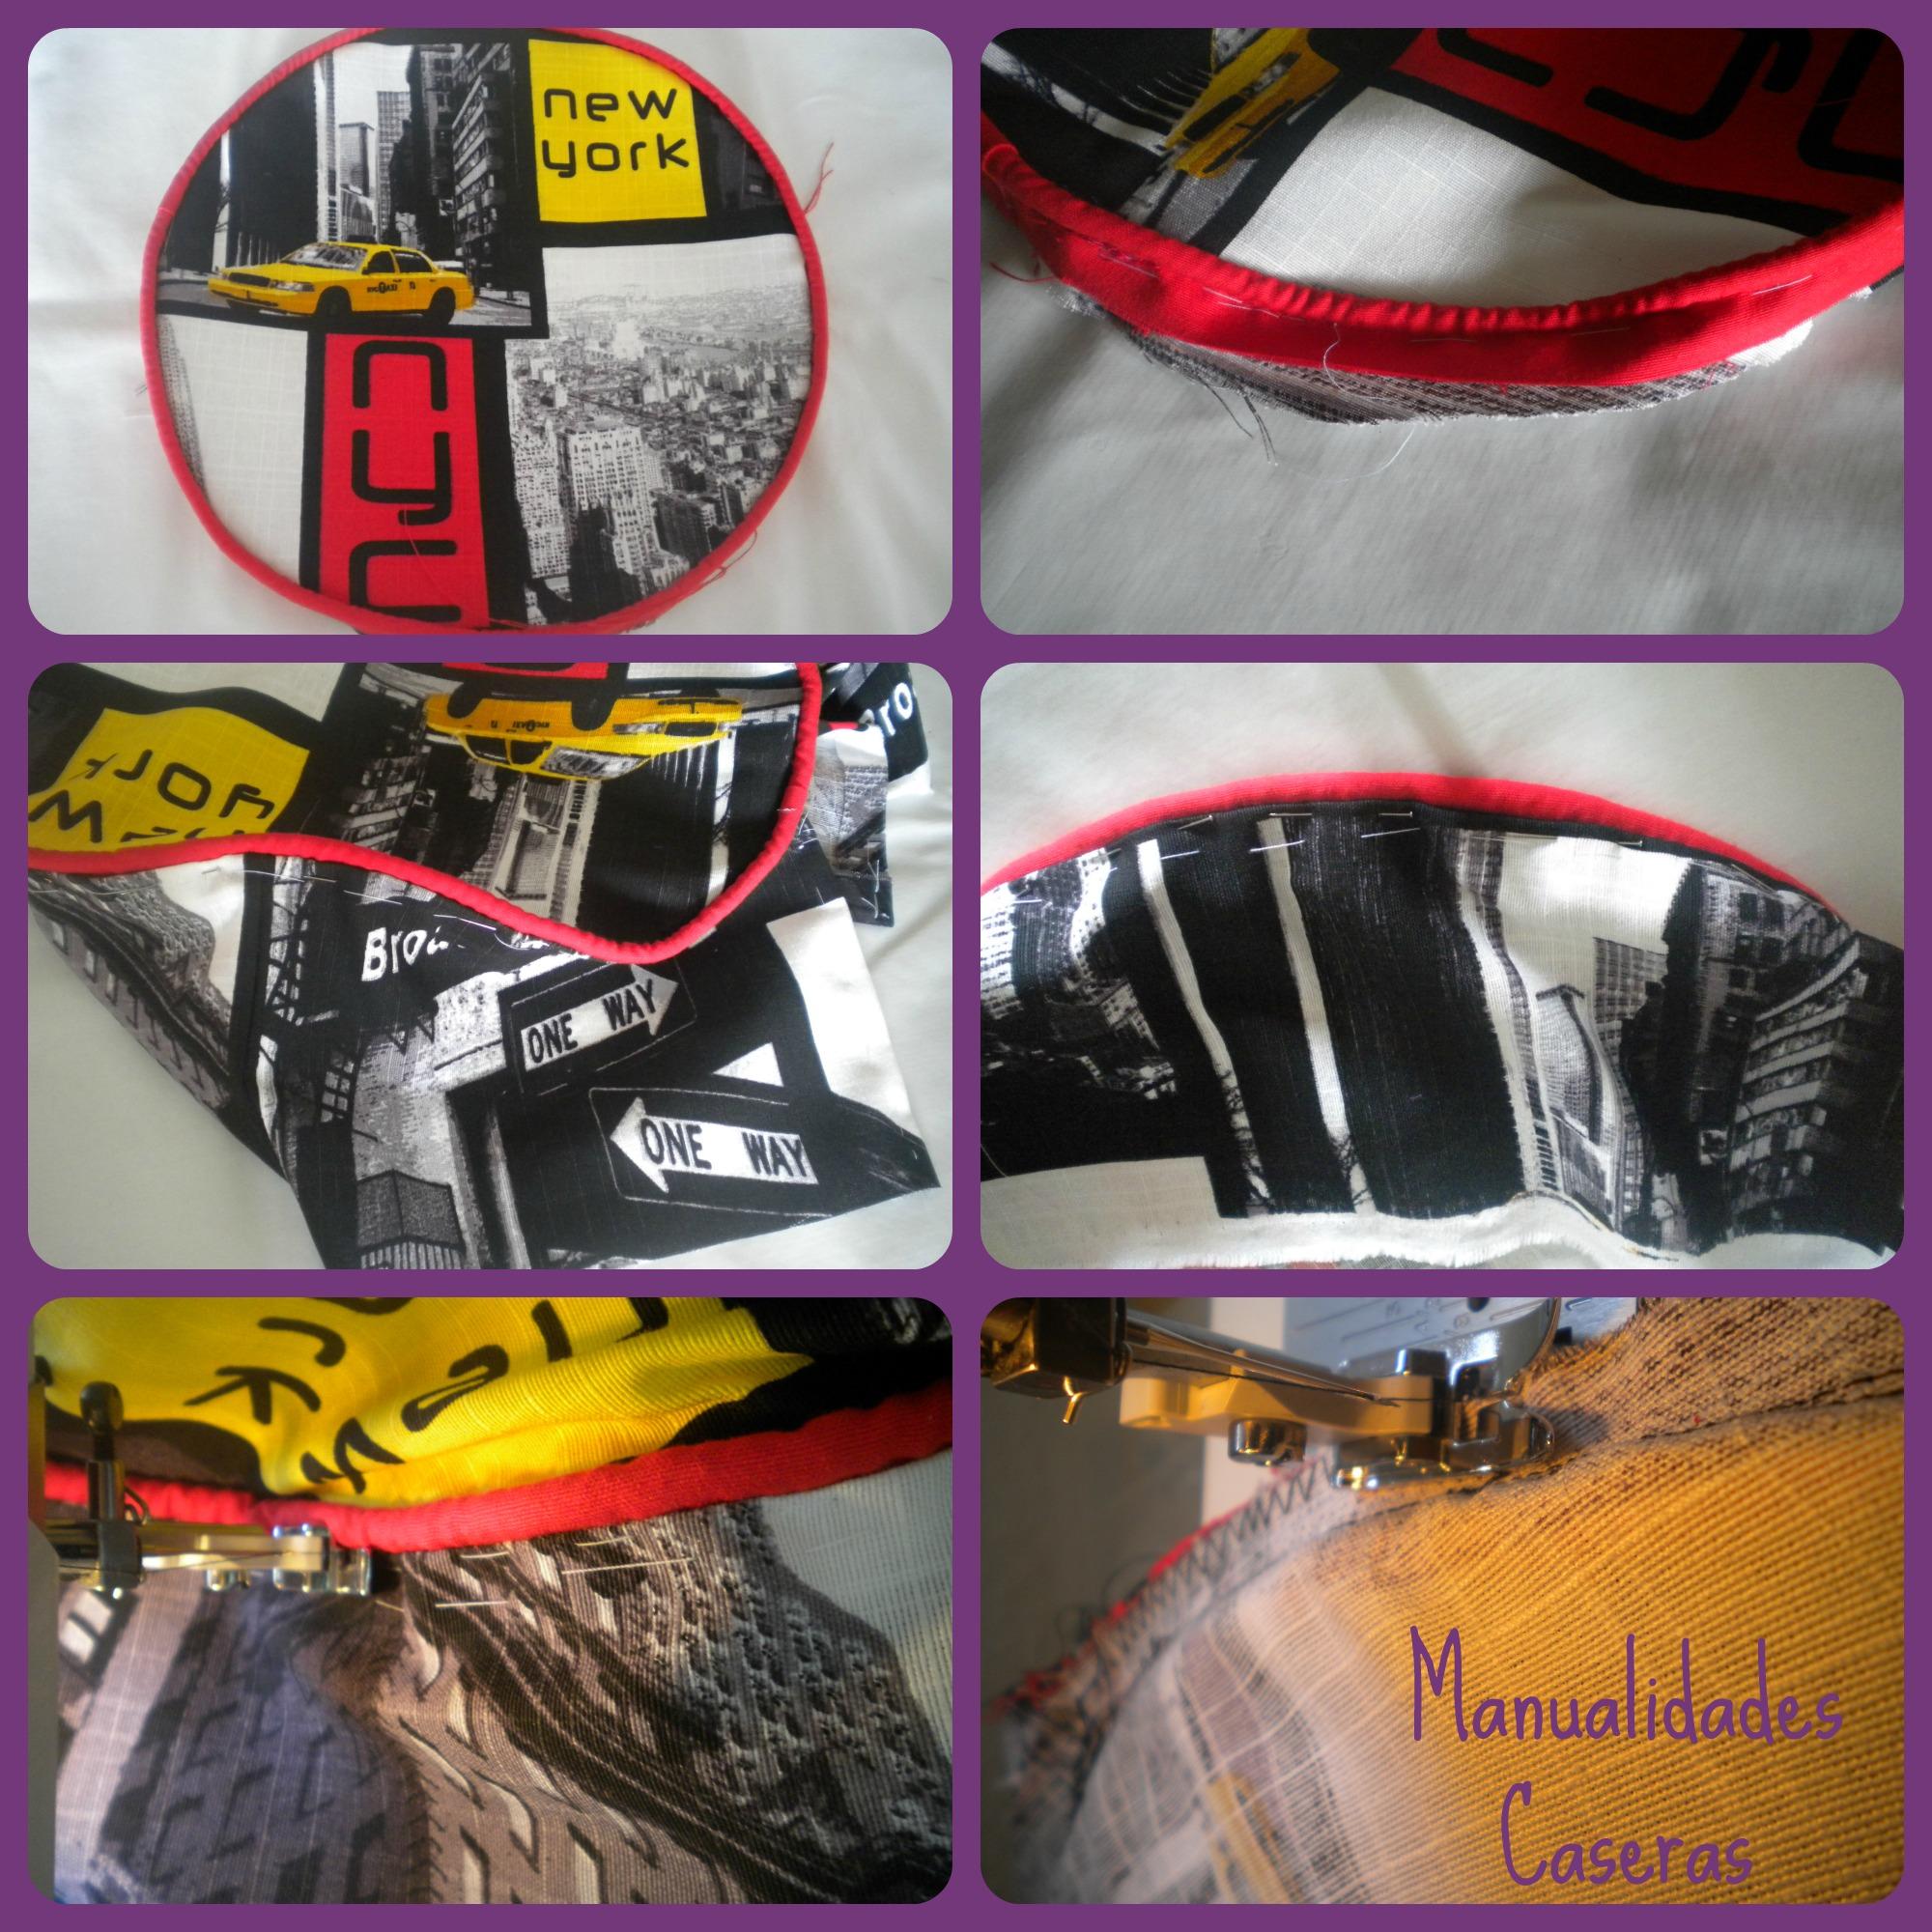 Manualidades Caseras Inma_ restauración de un taburete_ como coser la tela del taburete